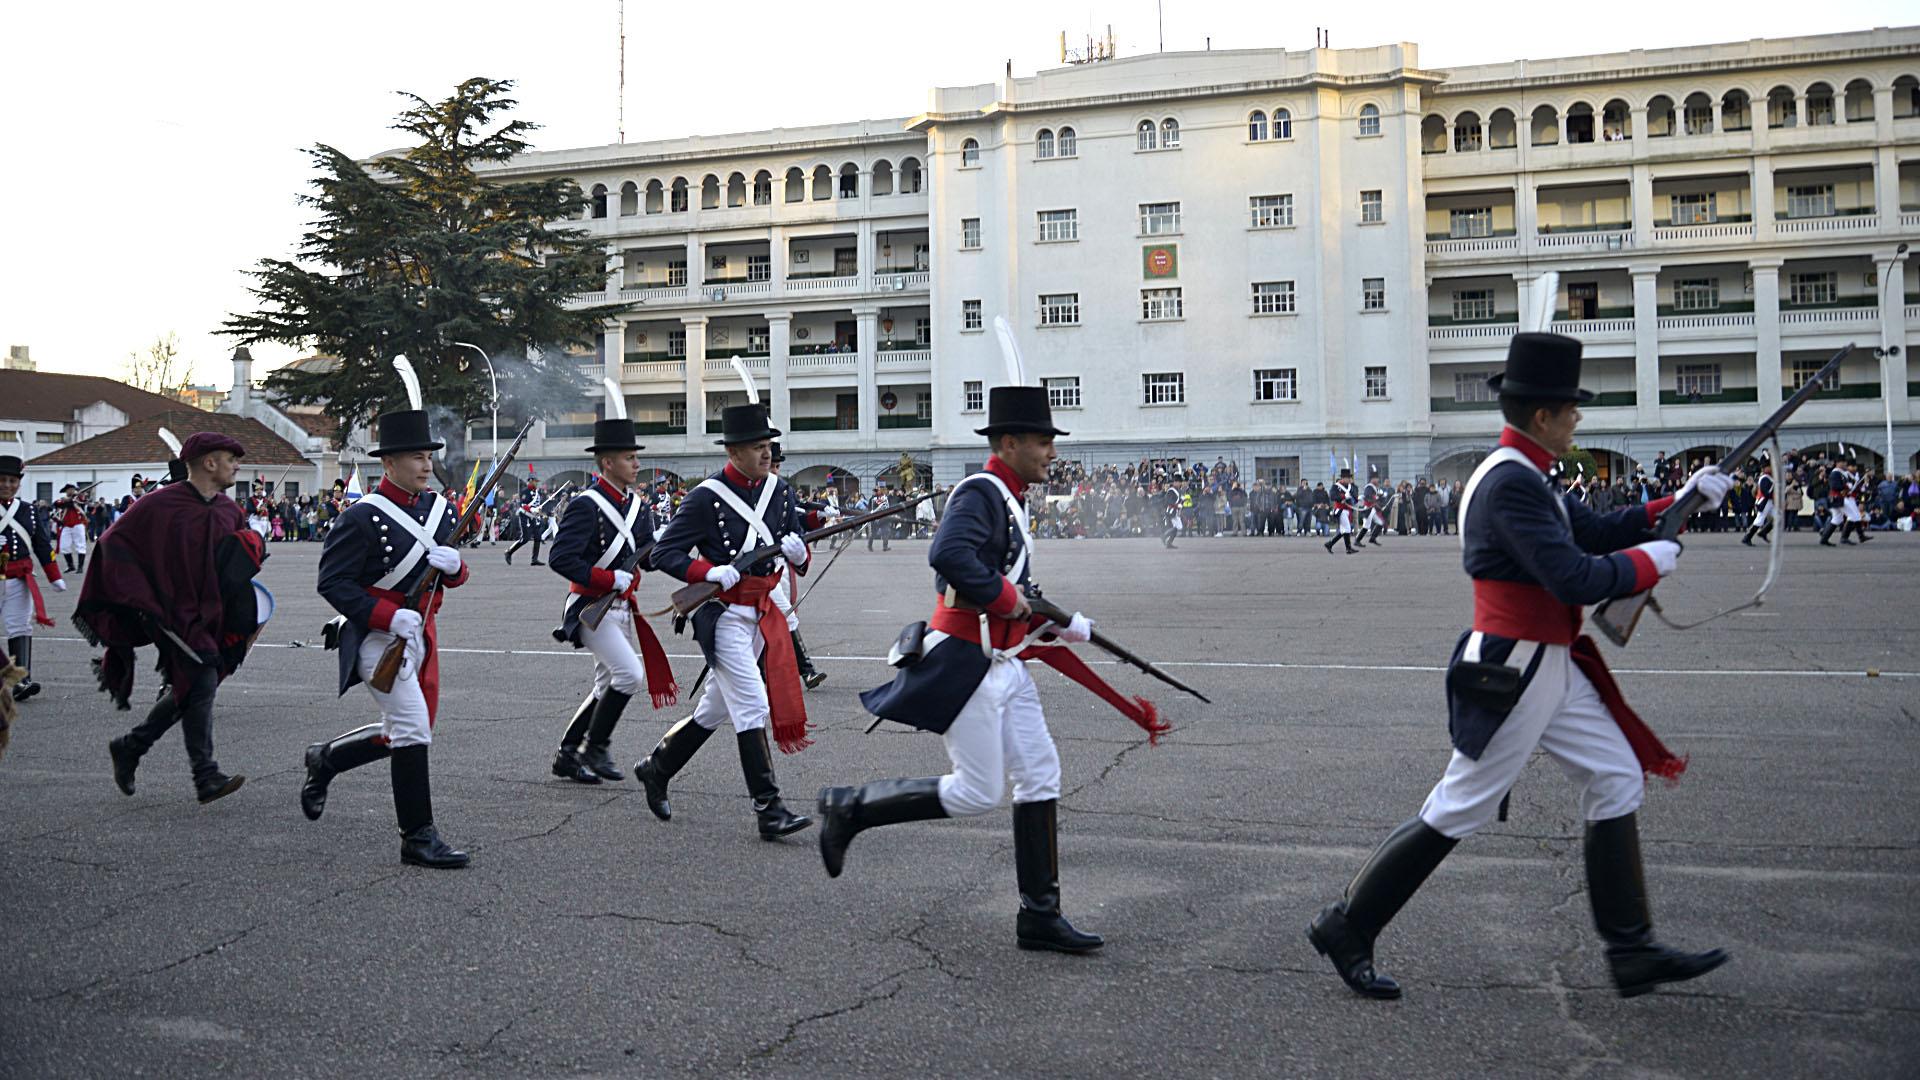 El evento se extendió de 12 a 18. Comenzó con escaramuzas y demostraciones de combate por parte de los actores, con el fin de mostrar las diversas técnicas de defensa y ataque contemporáneas